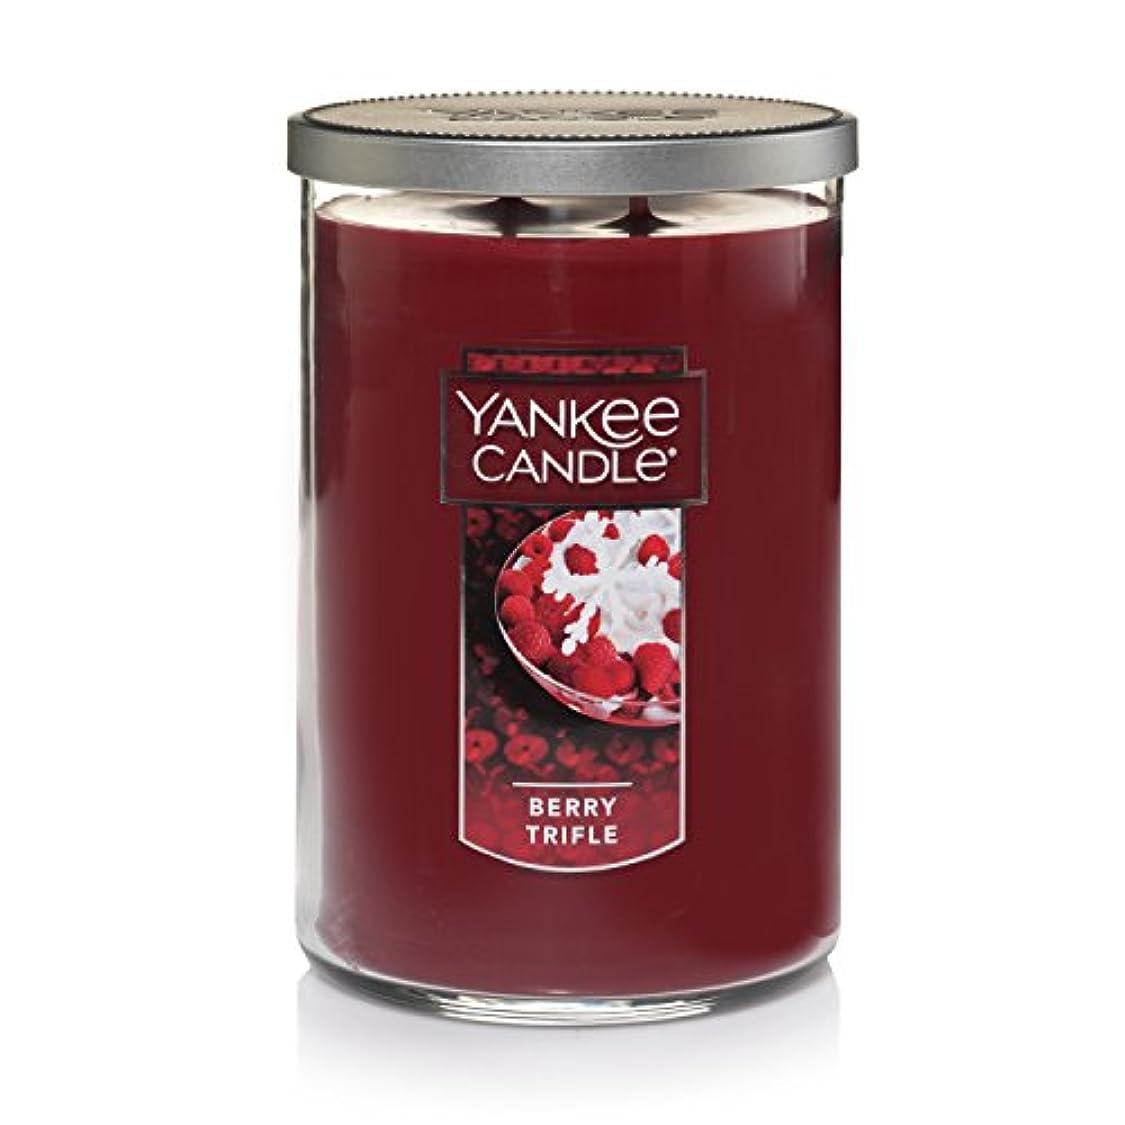 ウィスキー頂点アラバマYankee Candle Large Jar Candle Large 2-Wick Tumbler Candle レッド 1342528